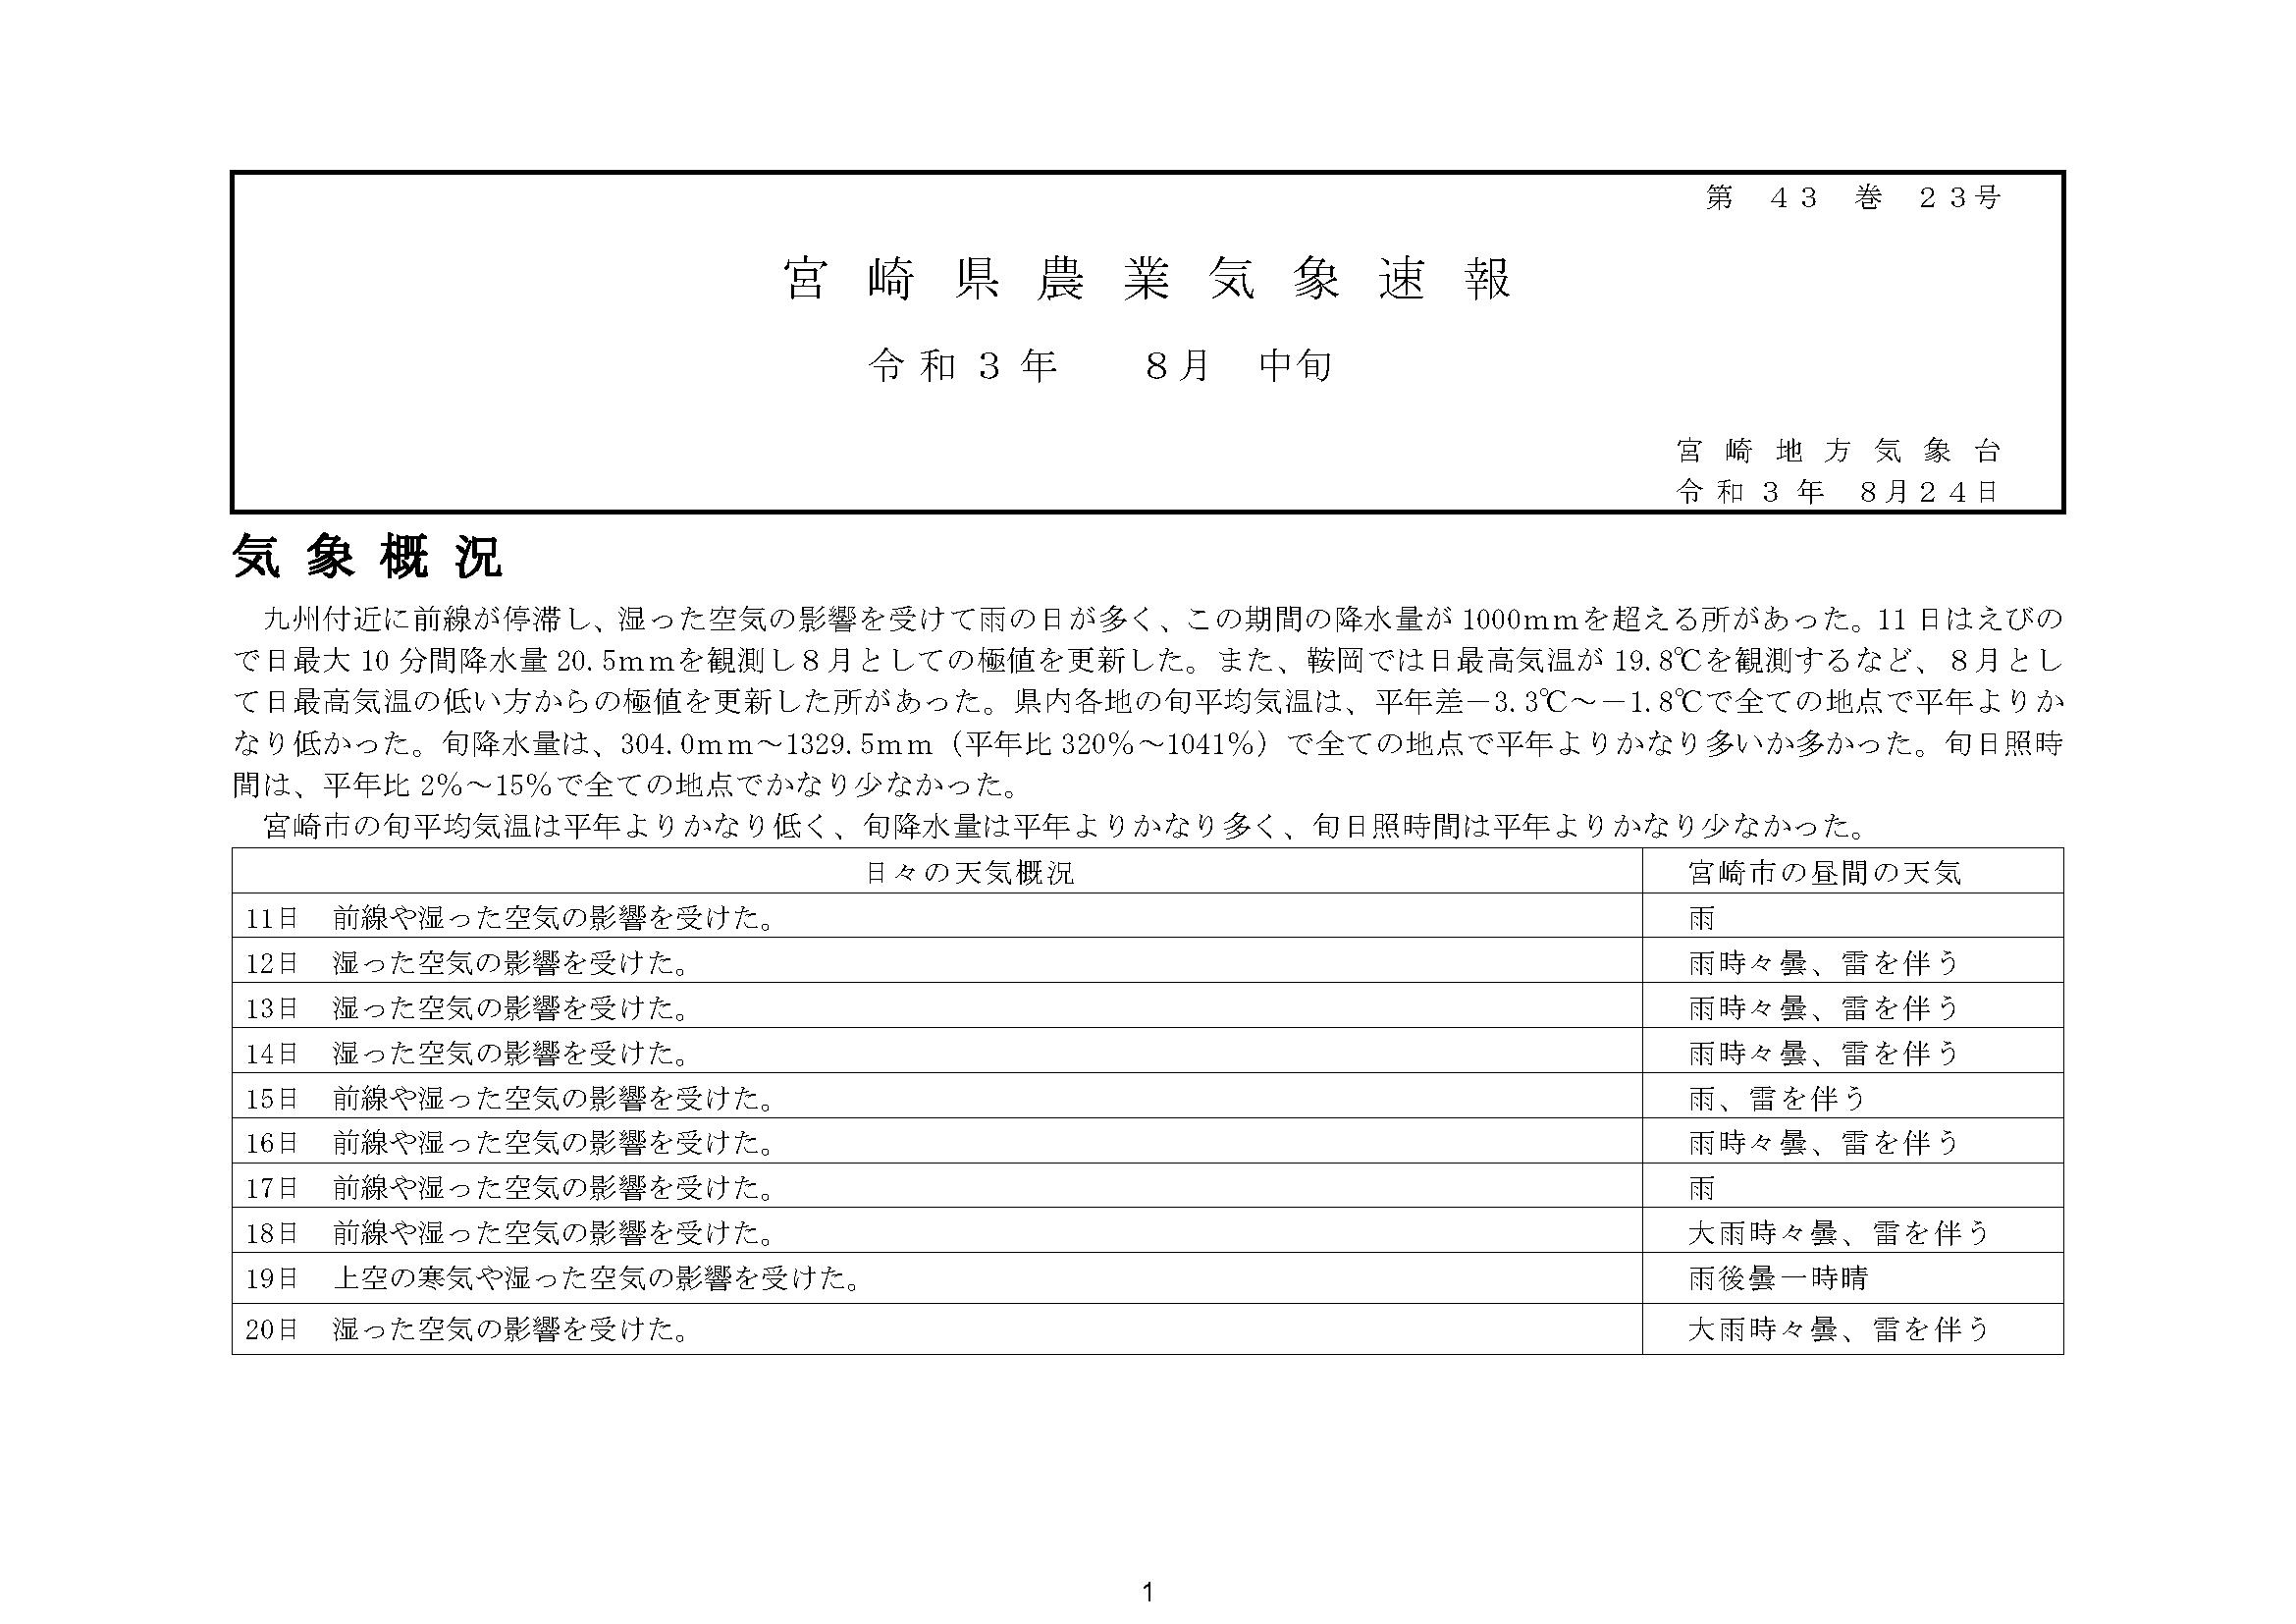 宮崎県農業気象速報令和3年8月中旬PDF